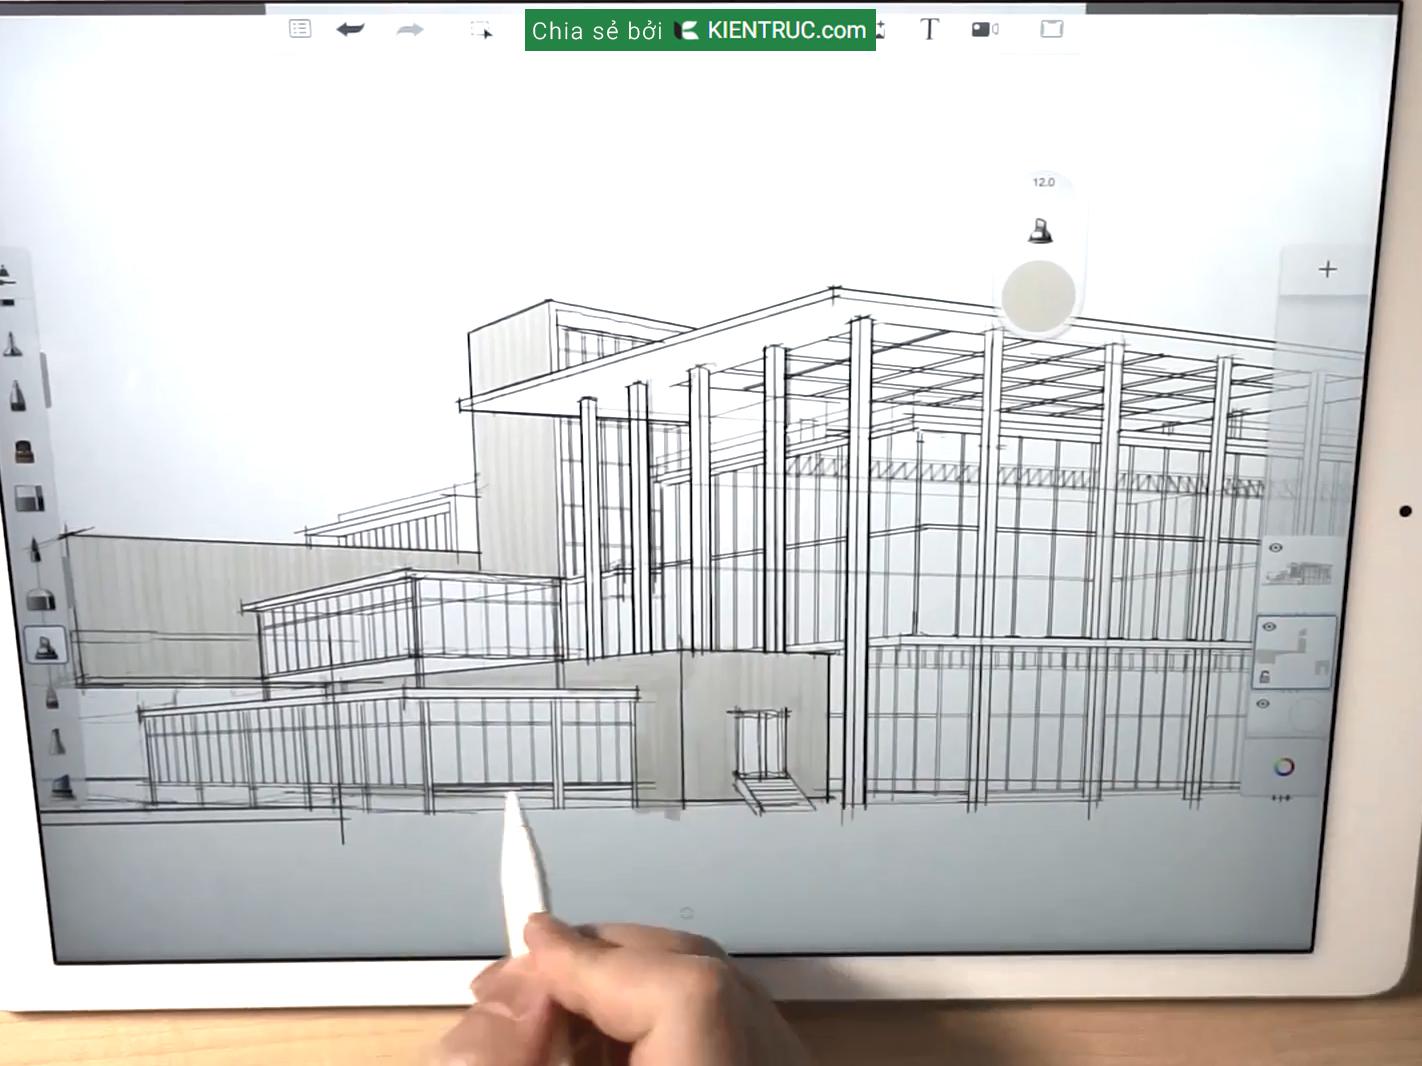 Ứng dụng cho kiến trúc Sketch